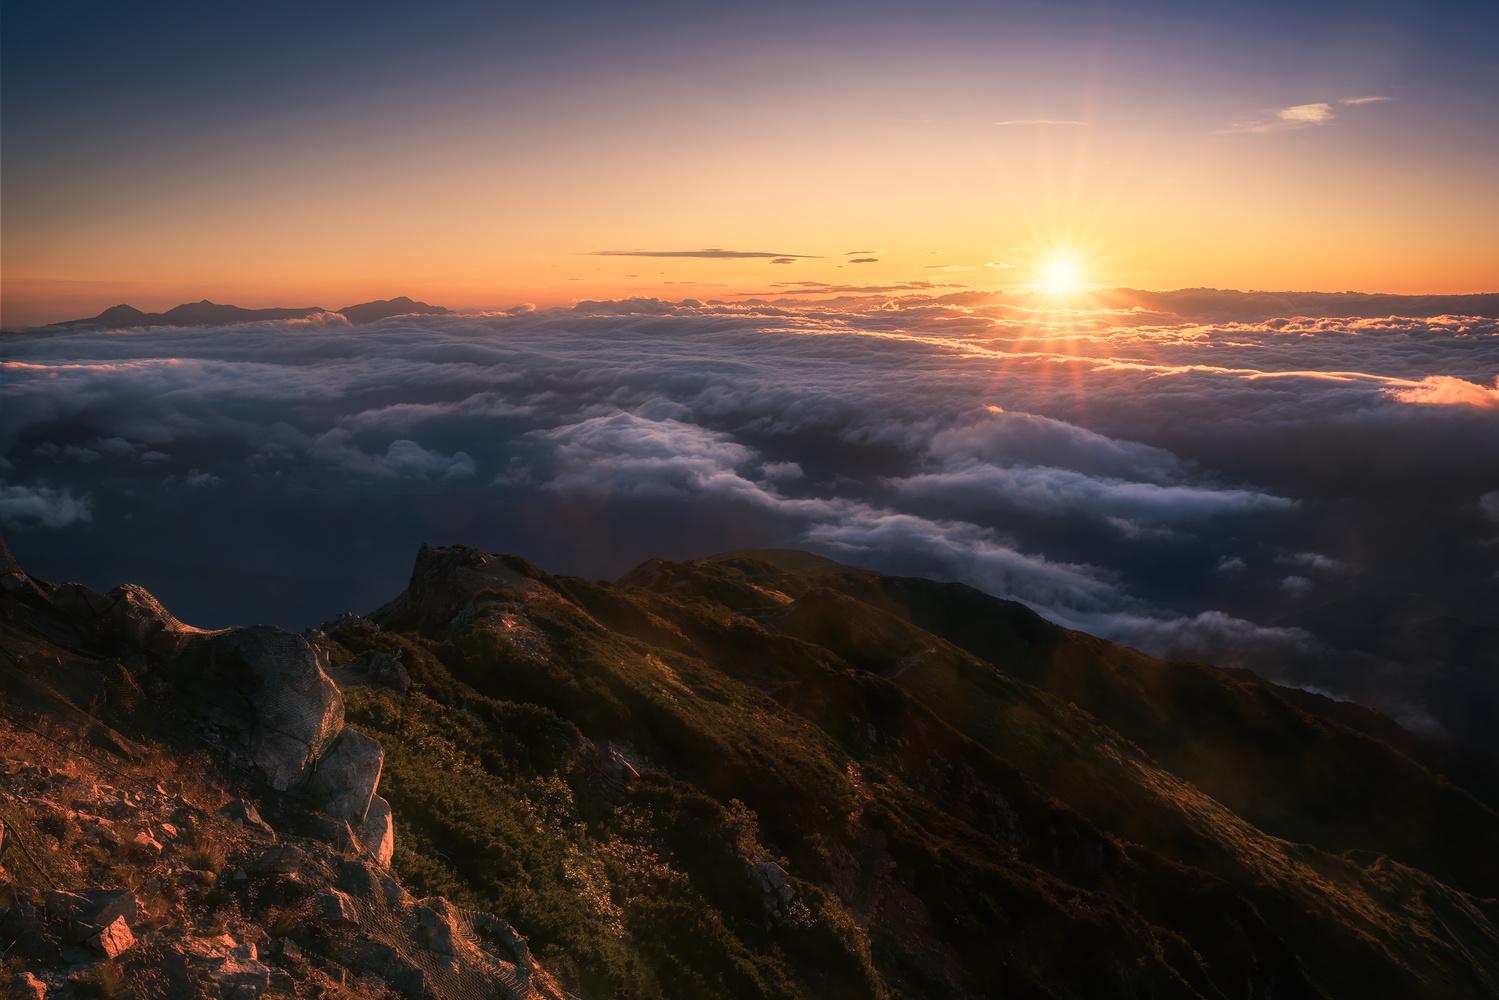 The morning sun by Shumon Saito